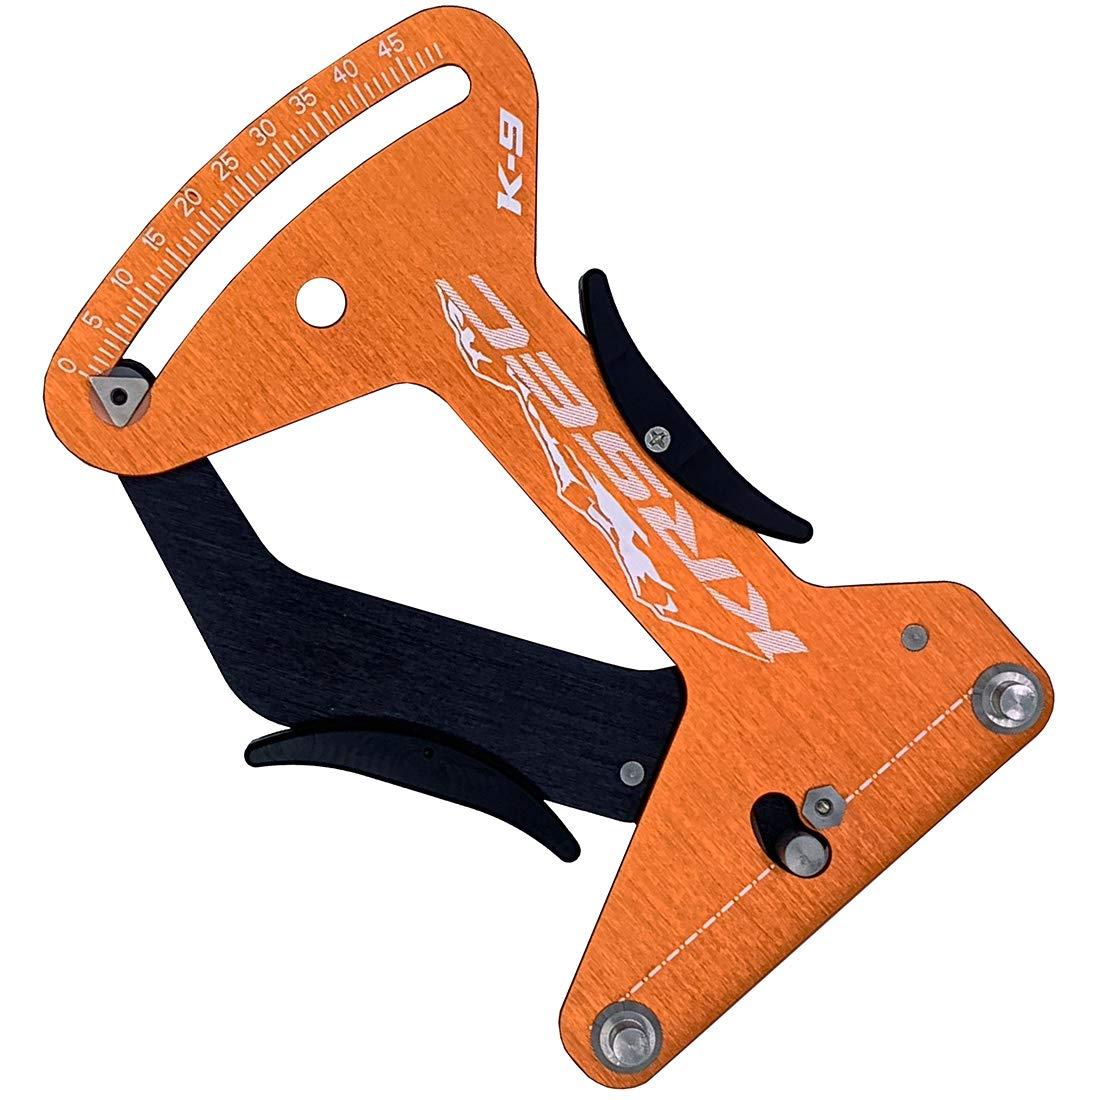 Feiyy Bicycle Spoke Tension Meter, Bike Cycling Wheels Meter Measurement Adjustment Tool (Z-Orange) by Feiyy